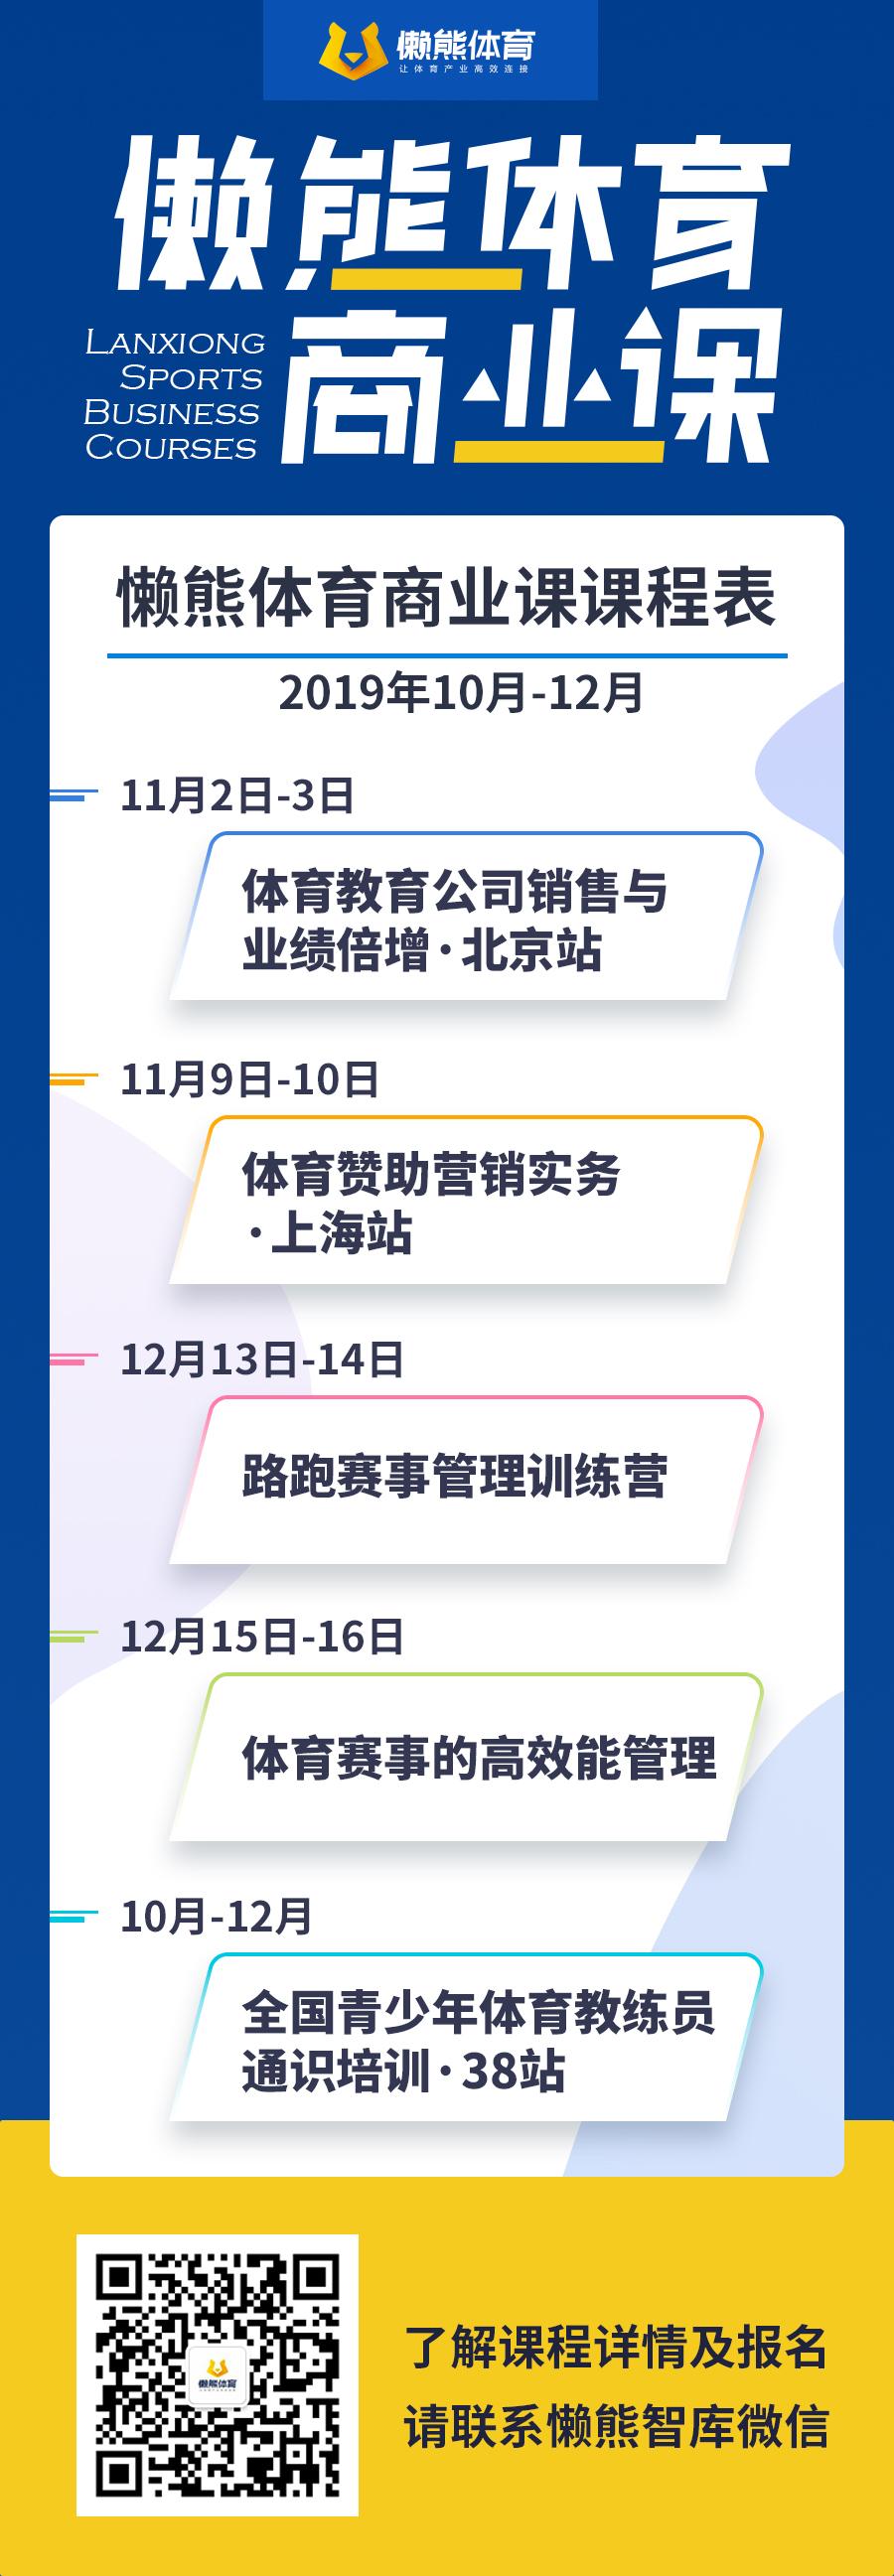 新生代篮球经纪人刘家成加入CAA中国,出任篮球经纪总经理